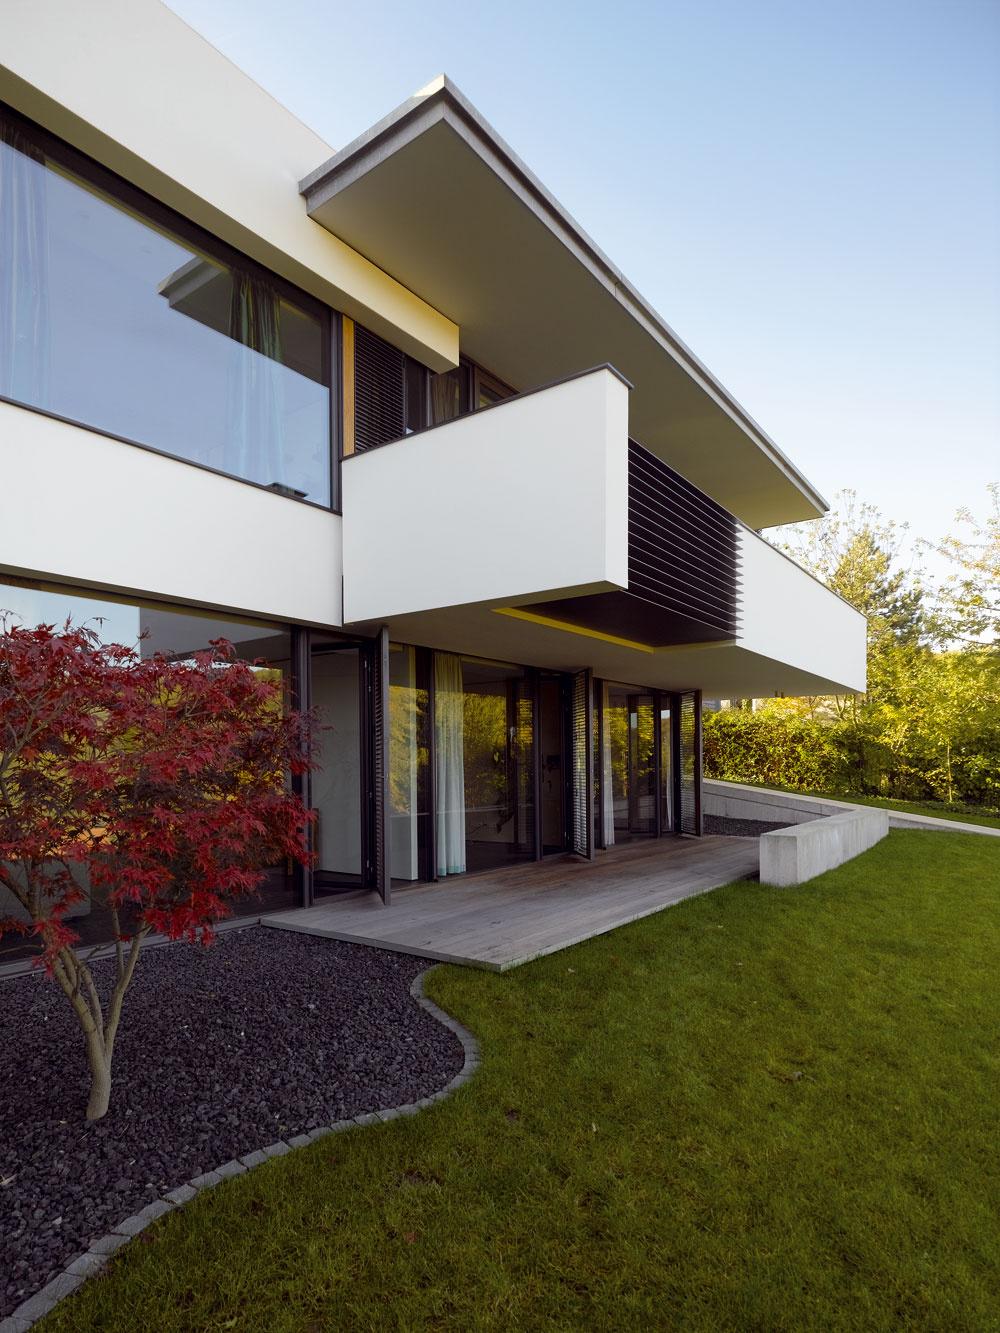 Vtipným detailom v podhľade balkóna je hliníková platňa. Vytvára paradoxnú ilúziu, že aj lamely bariéry sú z podobných platní. V kompozícii záhradnej fasády majú lamely viacero funkcií, predovšetkým odľahčujú masívny dojem z balkónového parapetu.